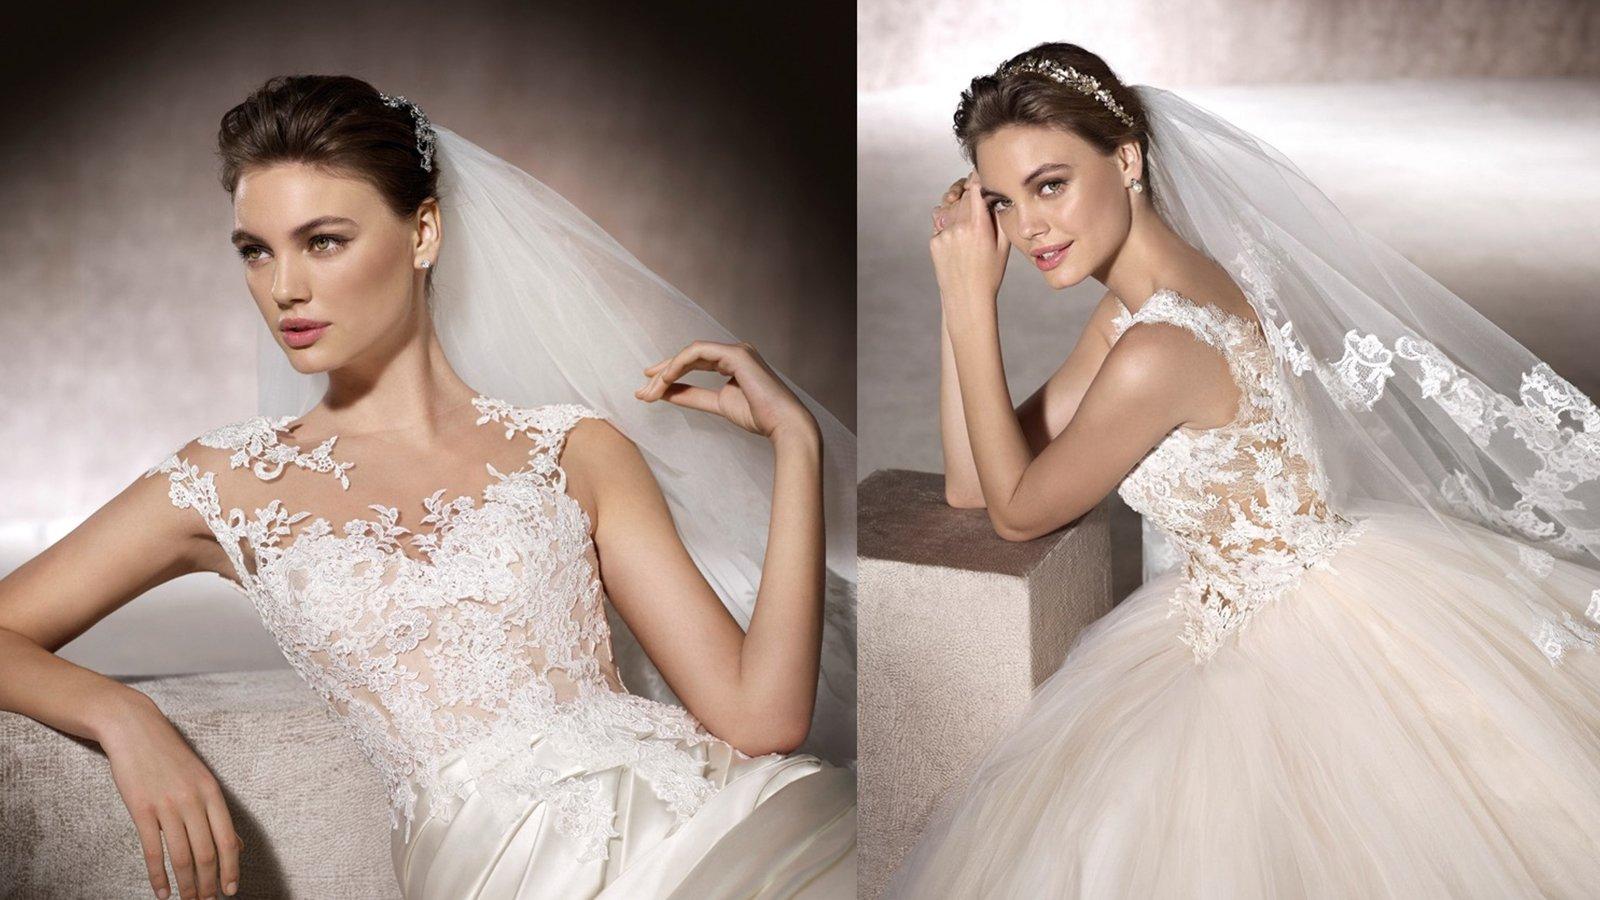 una donna con un abito da sposa di  color bianco